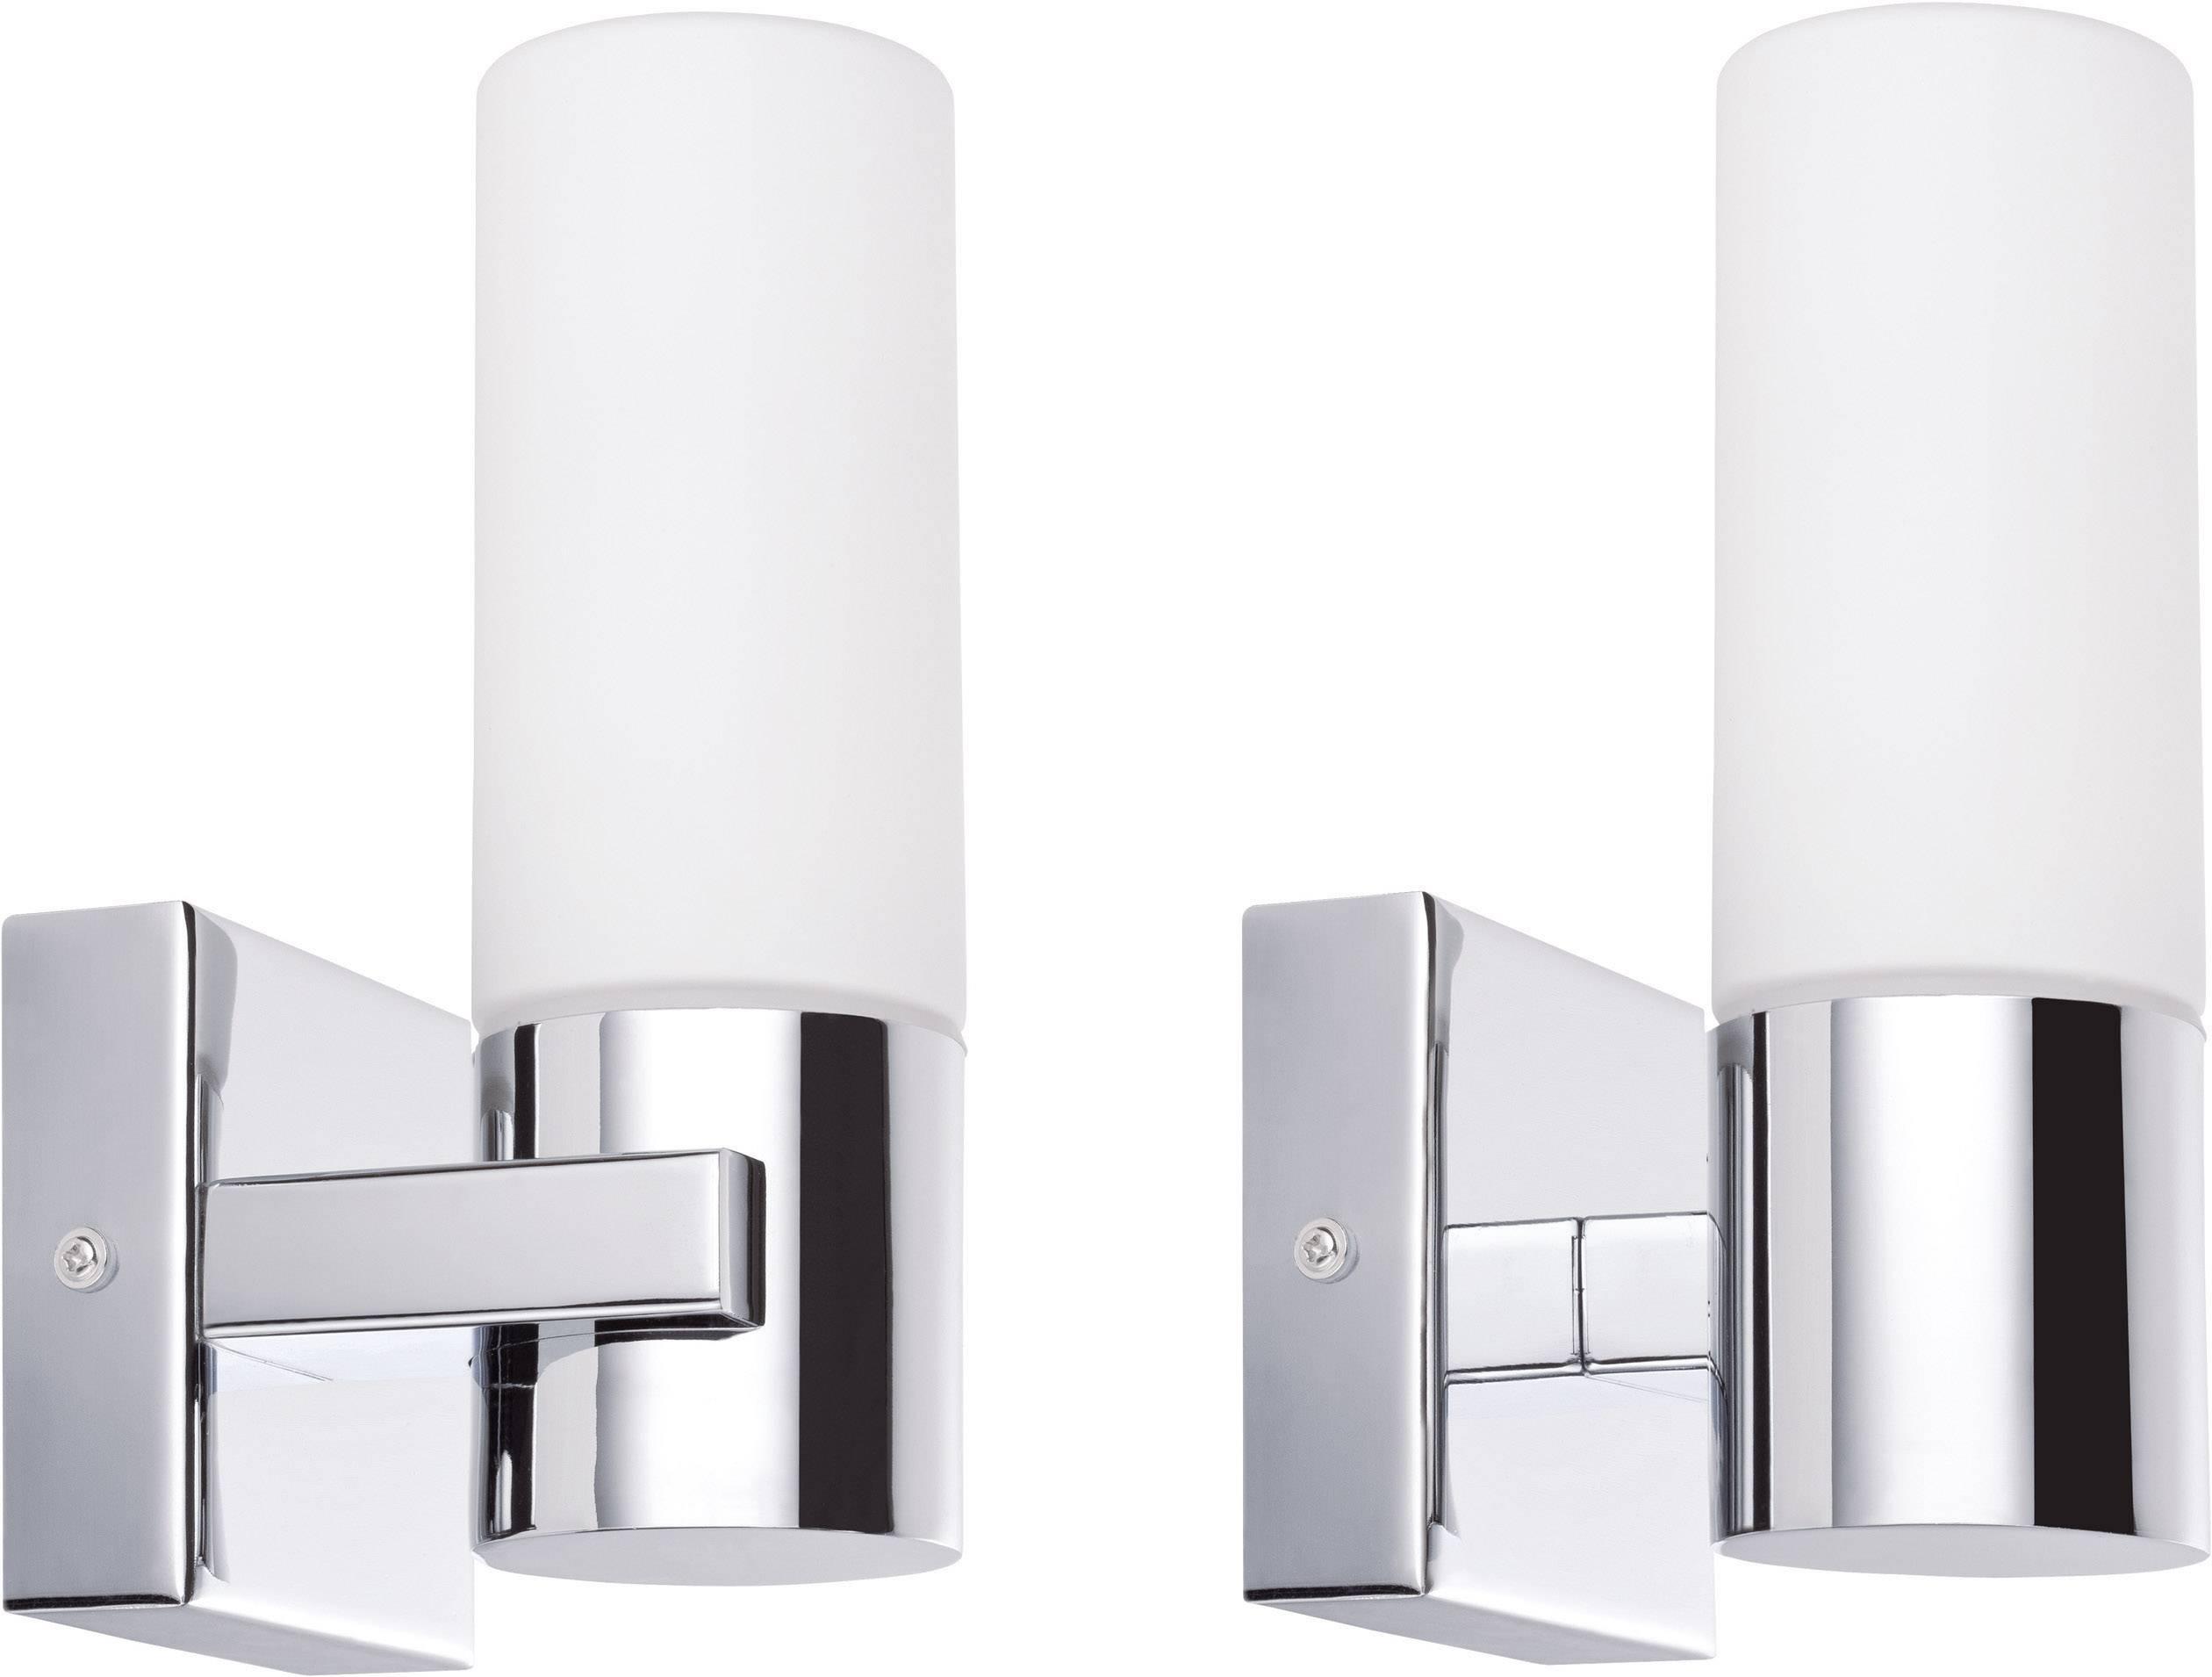 Massive Wandlamp Badkamer : ▷ massive badkamerverlichting kopen online internetwinkel